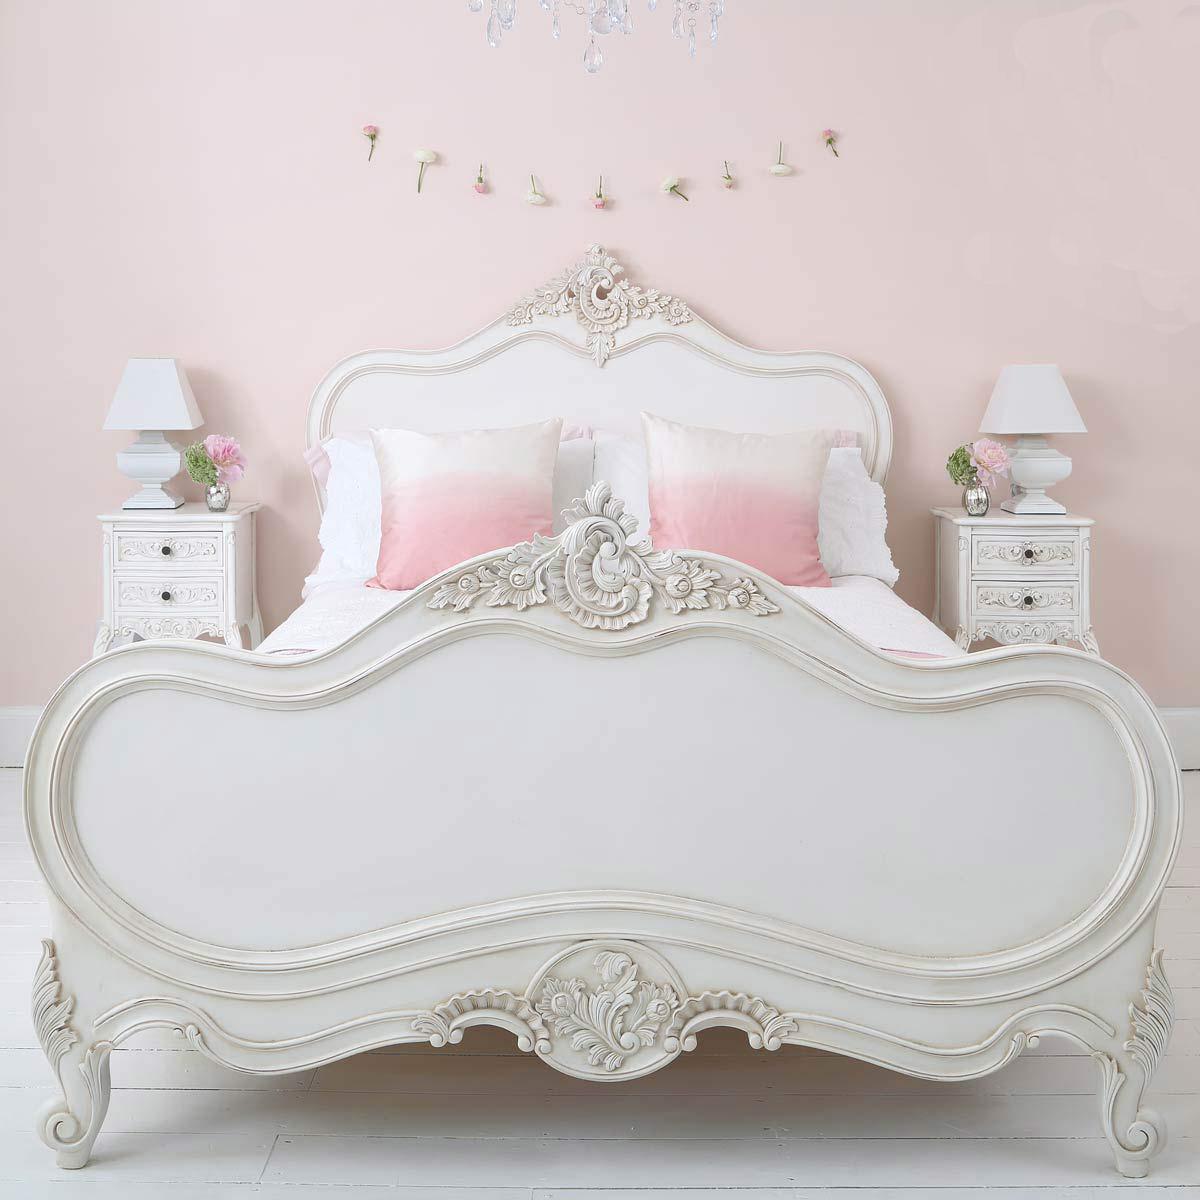 غرفة نوم رومانسية 1ا غرفة نوم رومانسية 1ا